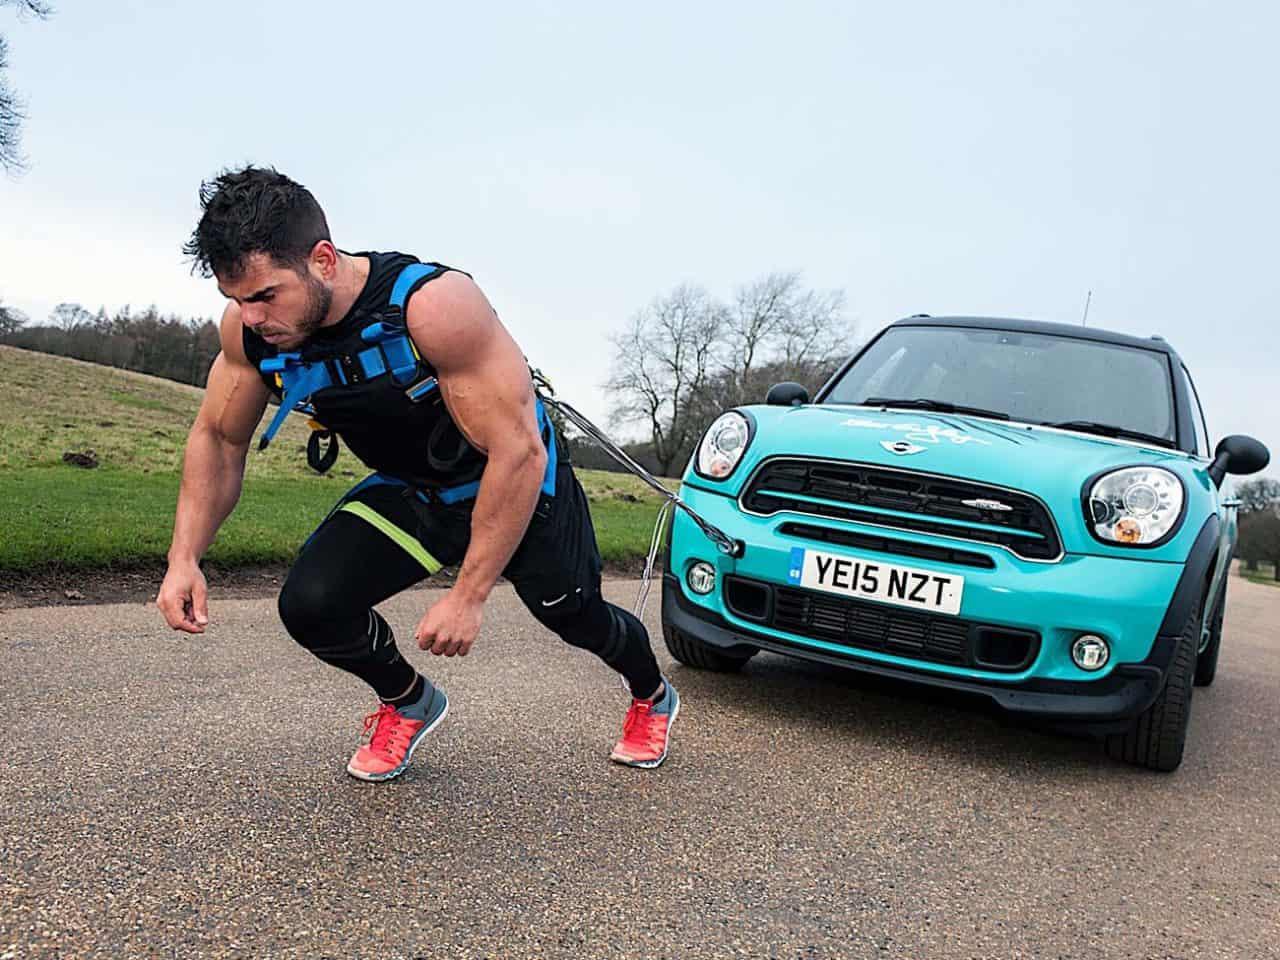 ross Edgley Worlds Fittest Marathon